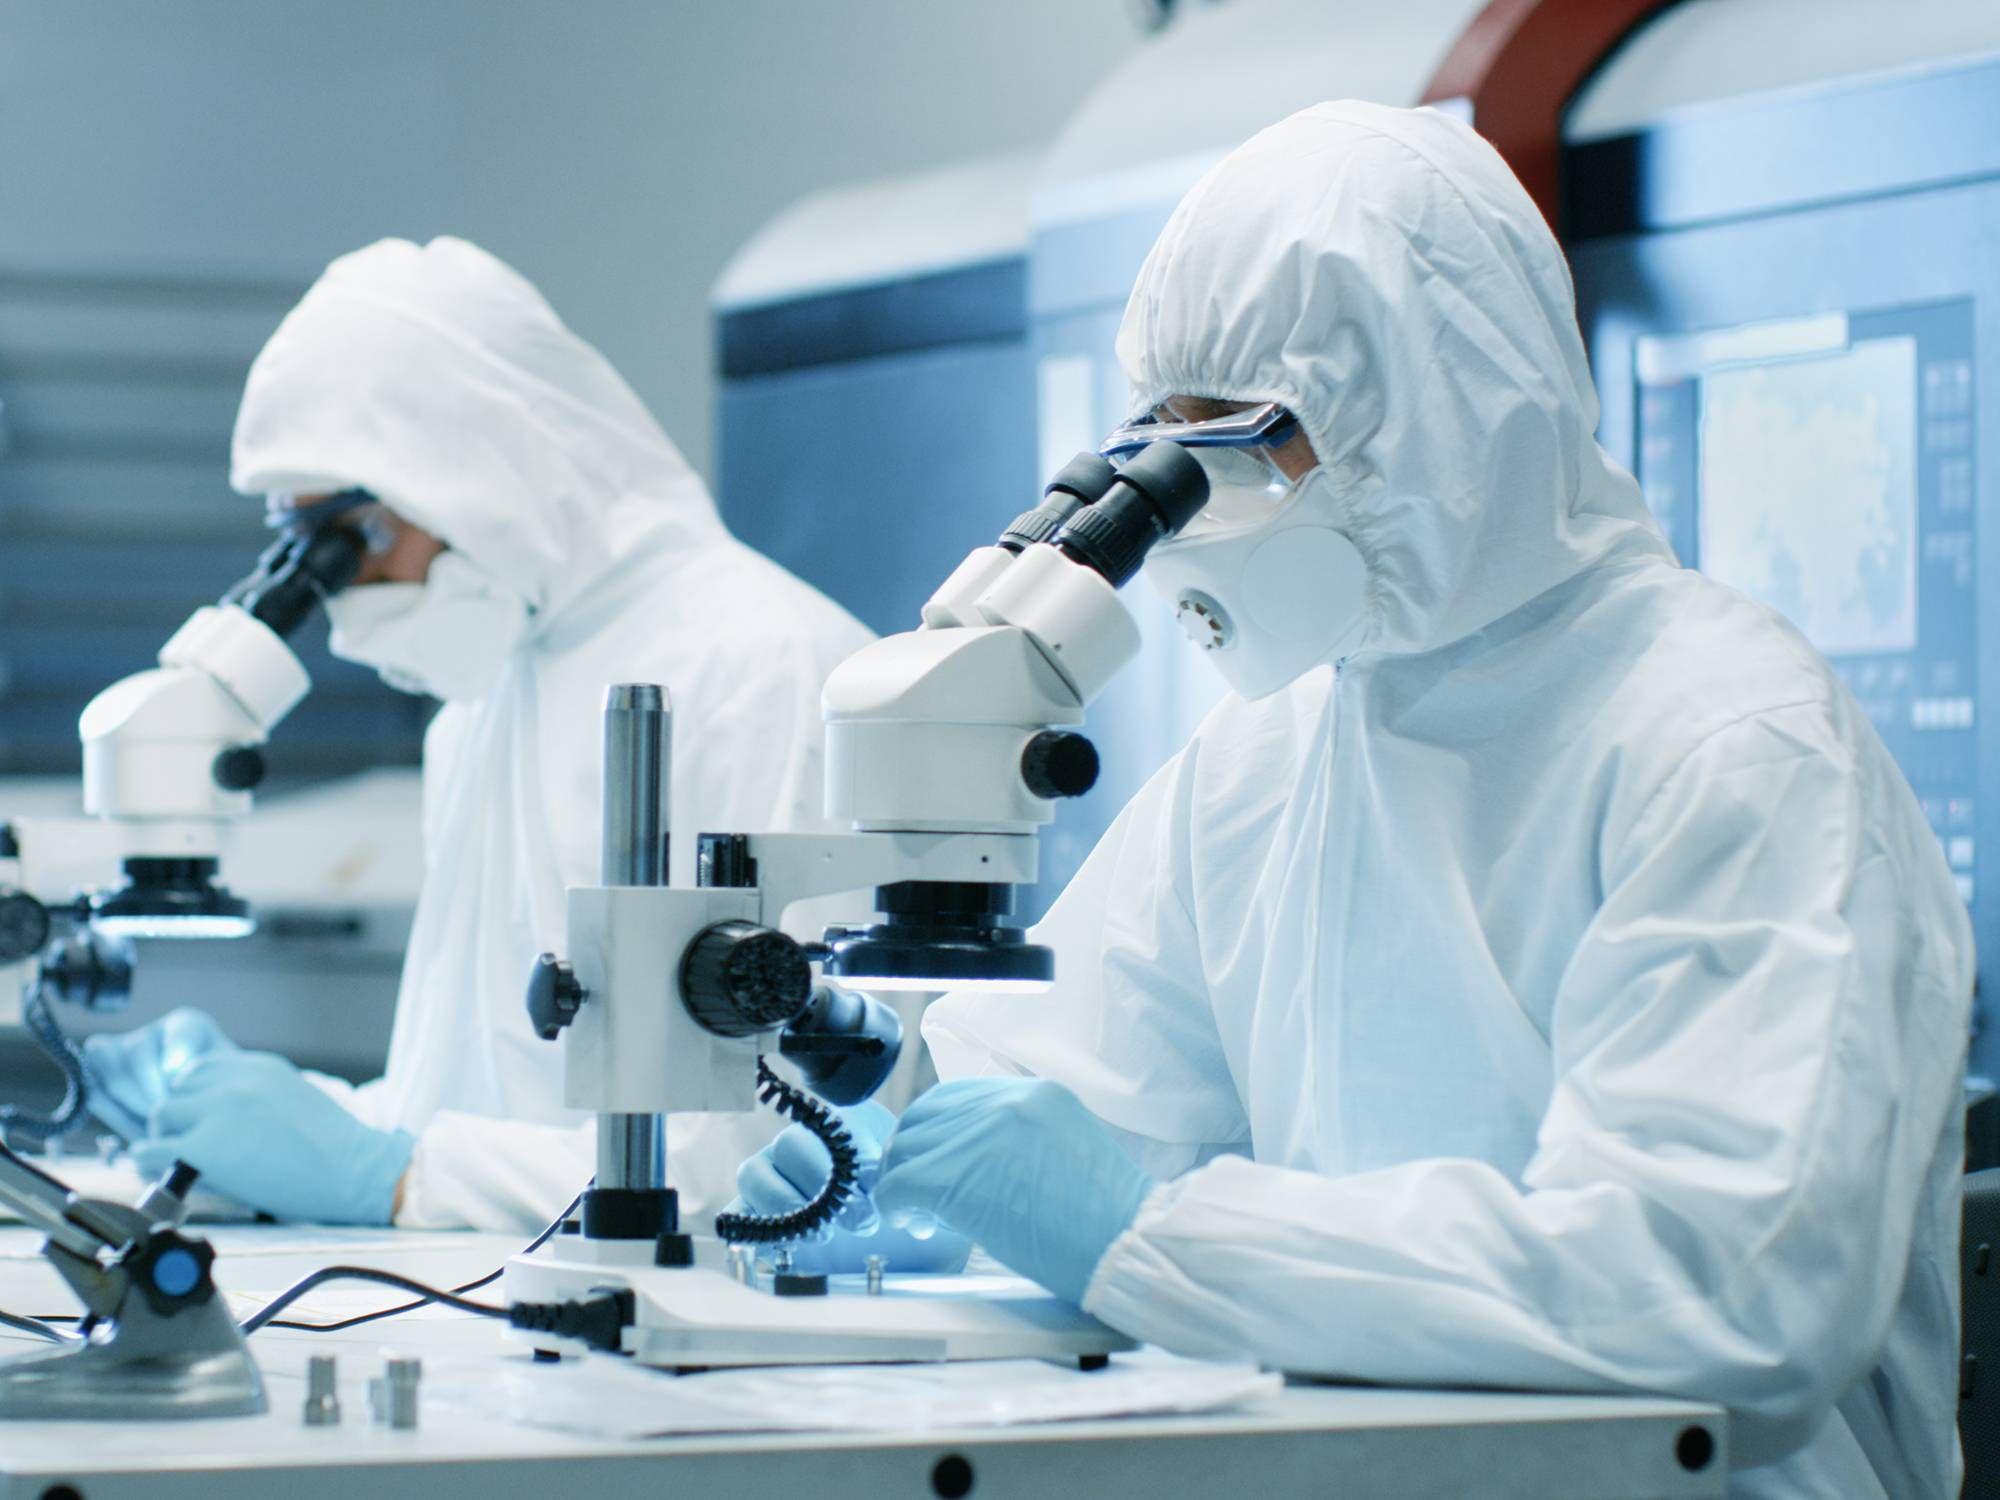 testo Saveris生命科学环境监测系统在实验室的应用